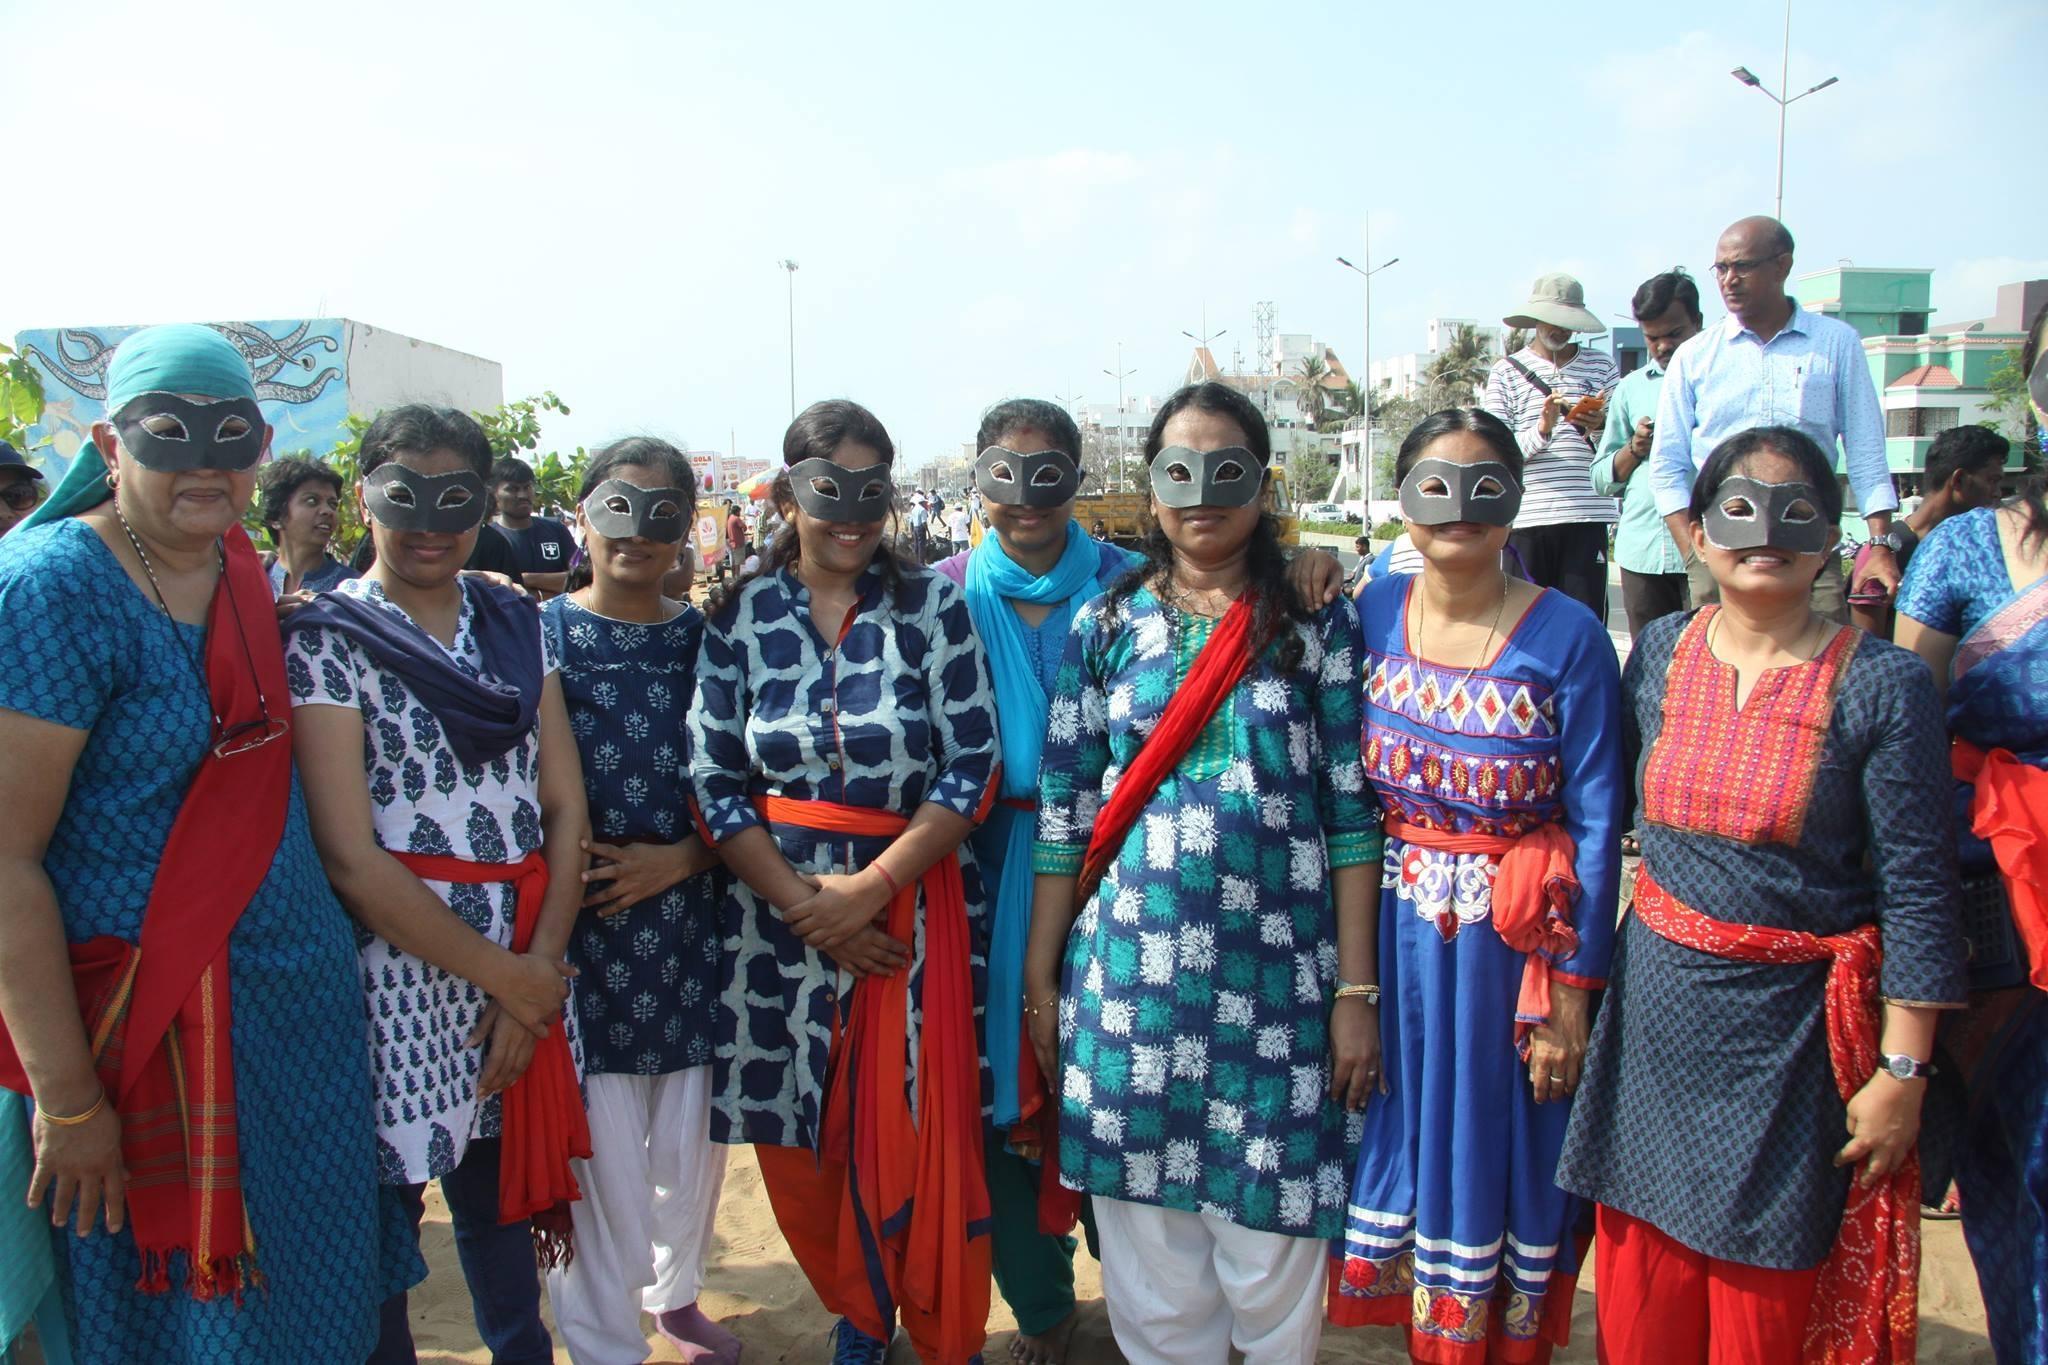 பெசன்ட் நகர் கடற்கரையில் போராடிய பெண்கள்